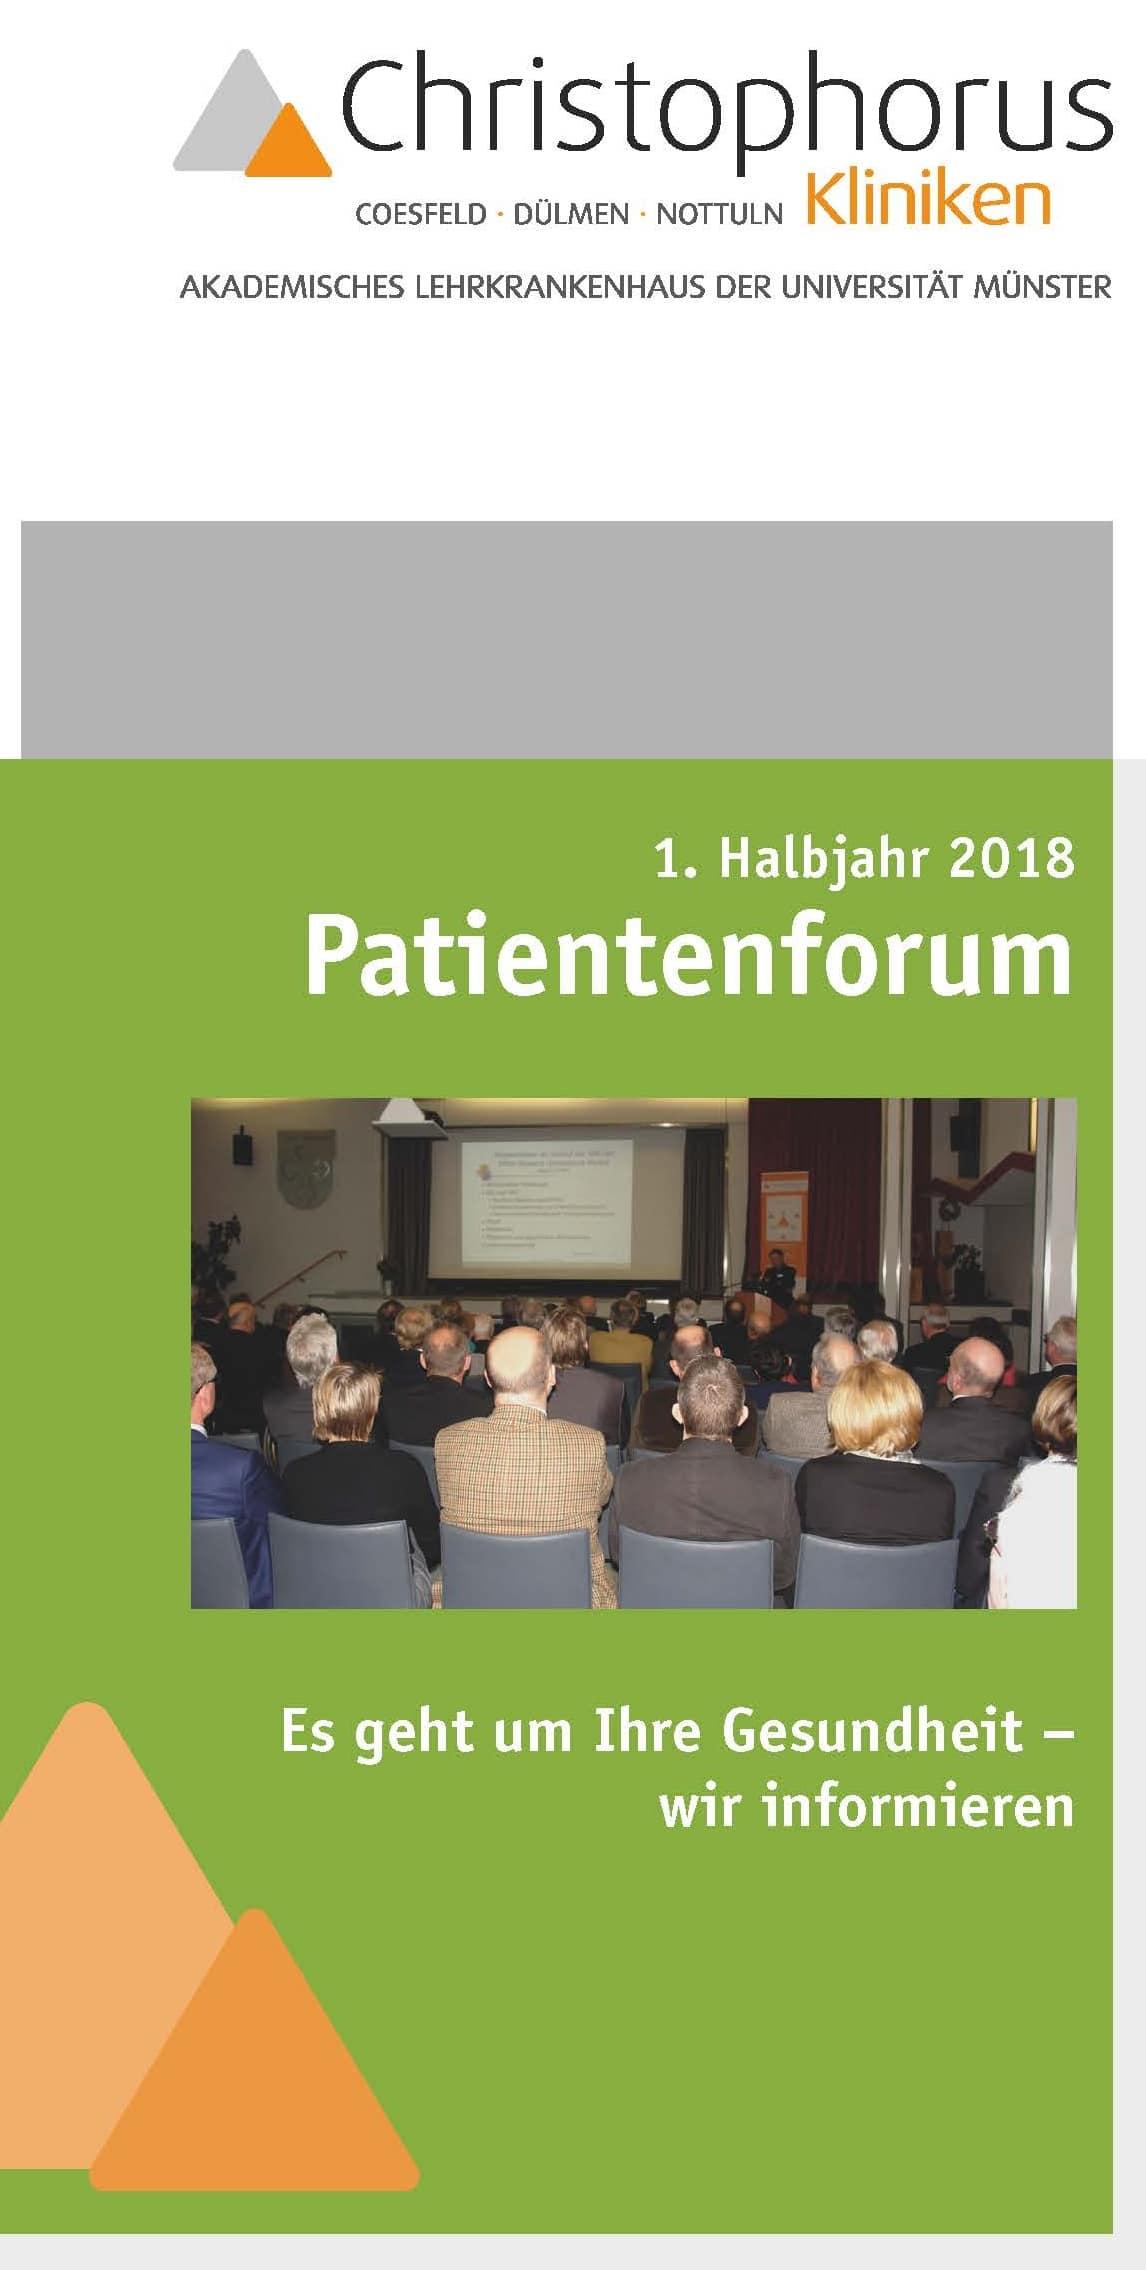 Patientenforum der Christophorus-Kliniken - Der Flyer